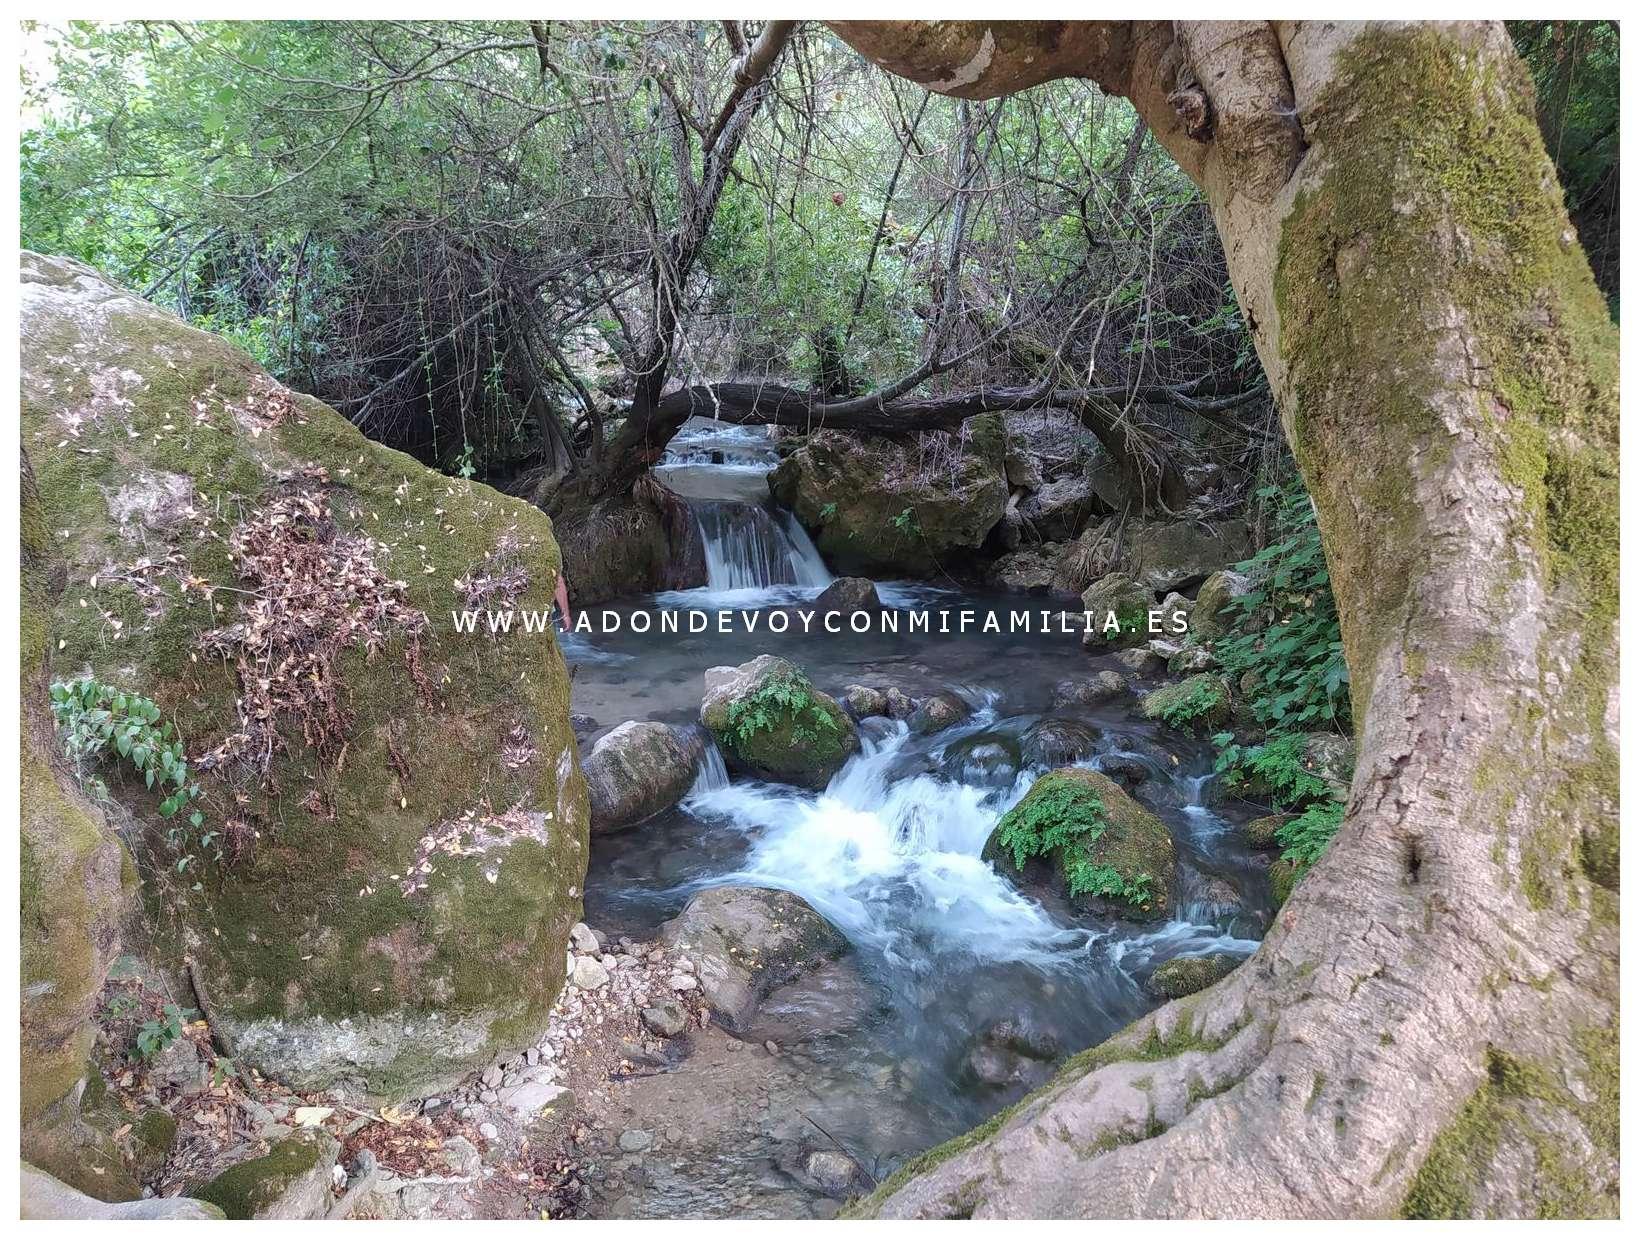 sendero rio majaceite adondevoyconmifamilia 18